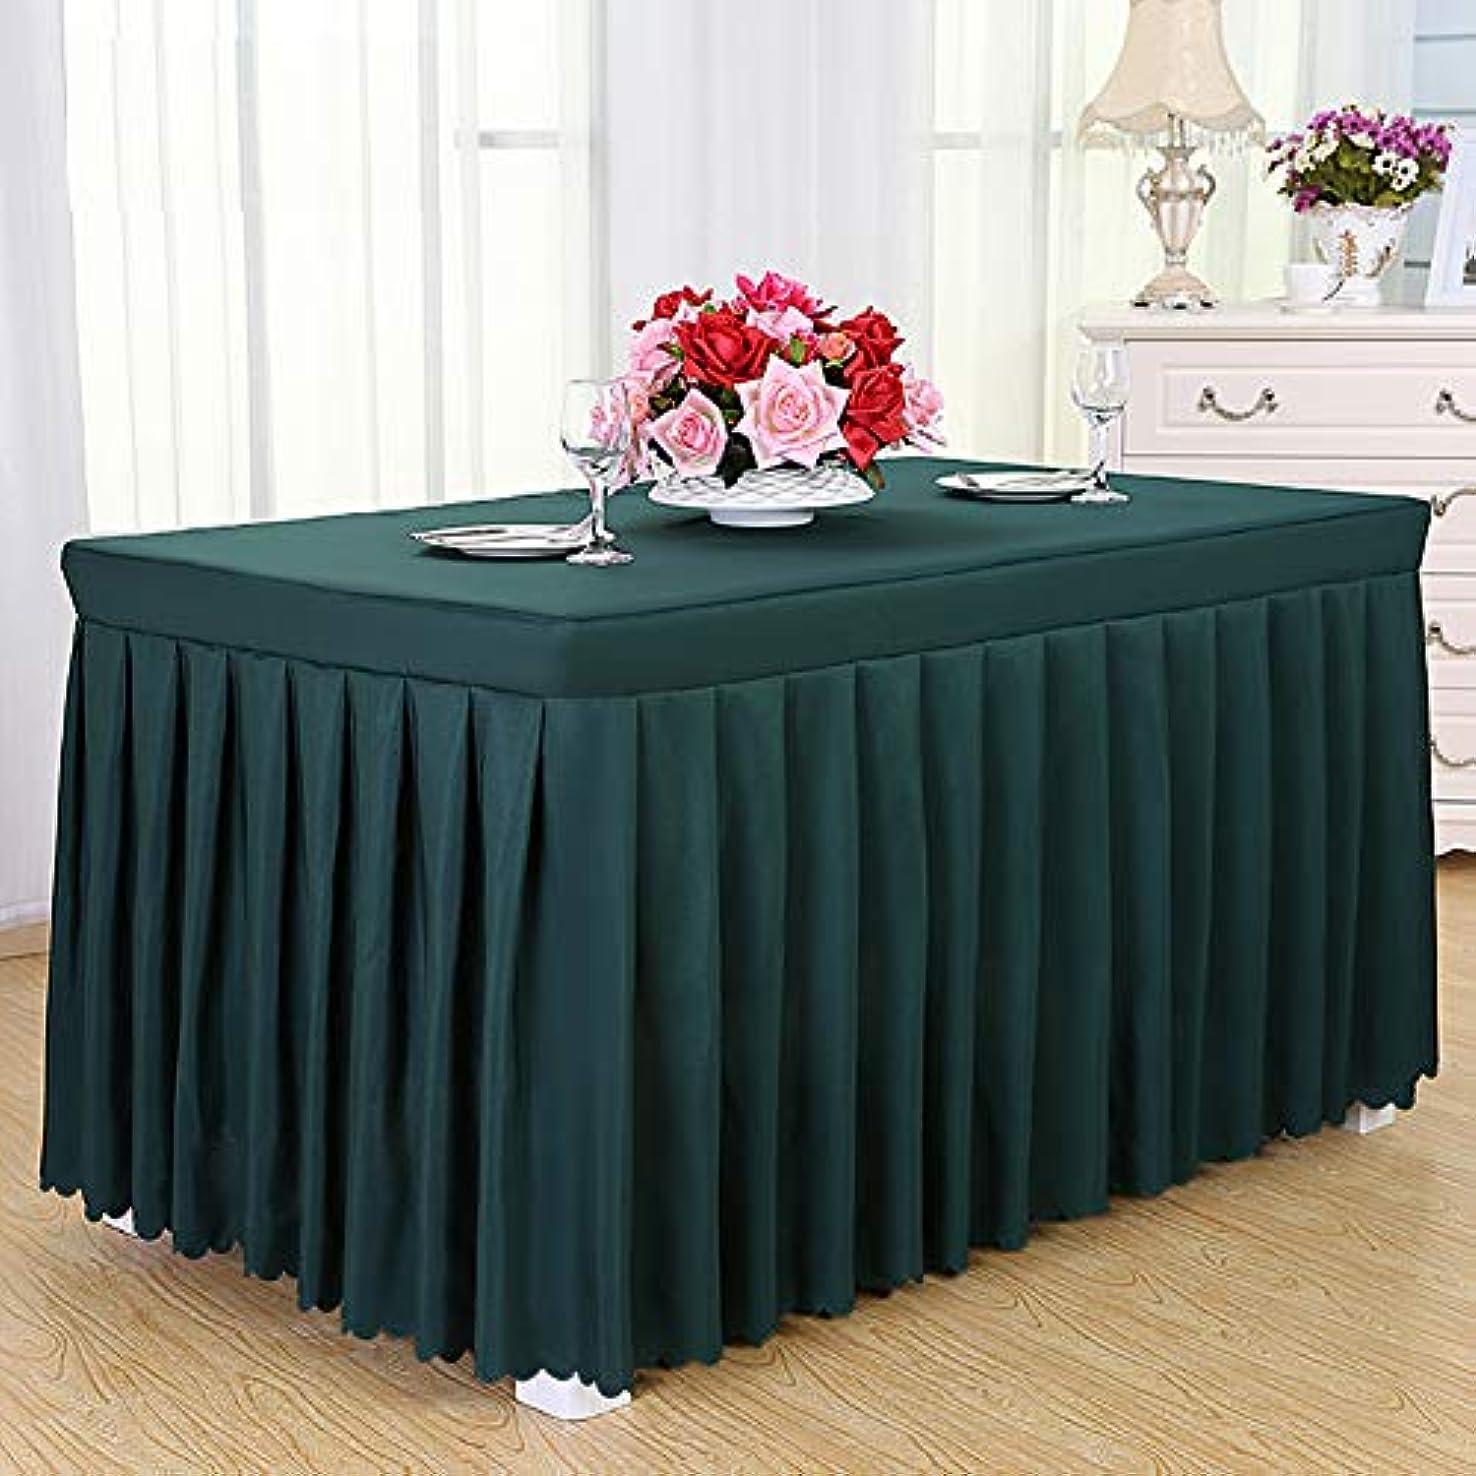 記念日ルー鯨ポリエステルソリッドカラー長方形 テーブル クロス,1-ピースオイル-プルーフ防水 テーブルカバー パーティーウェディングのためのレーステーブルスカート付き-ダークグリーン 120x40x75cm(47x16x30inch)